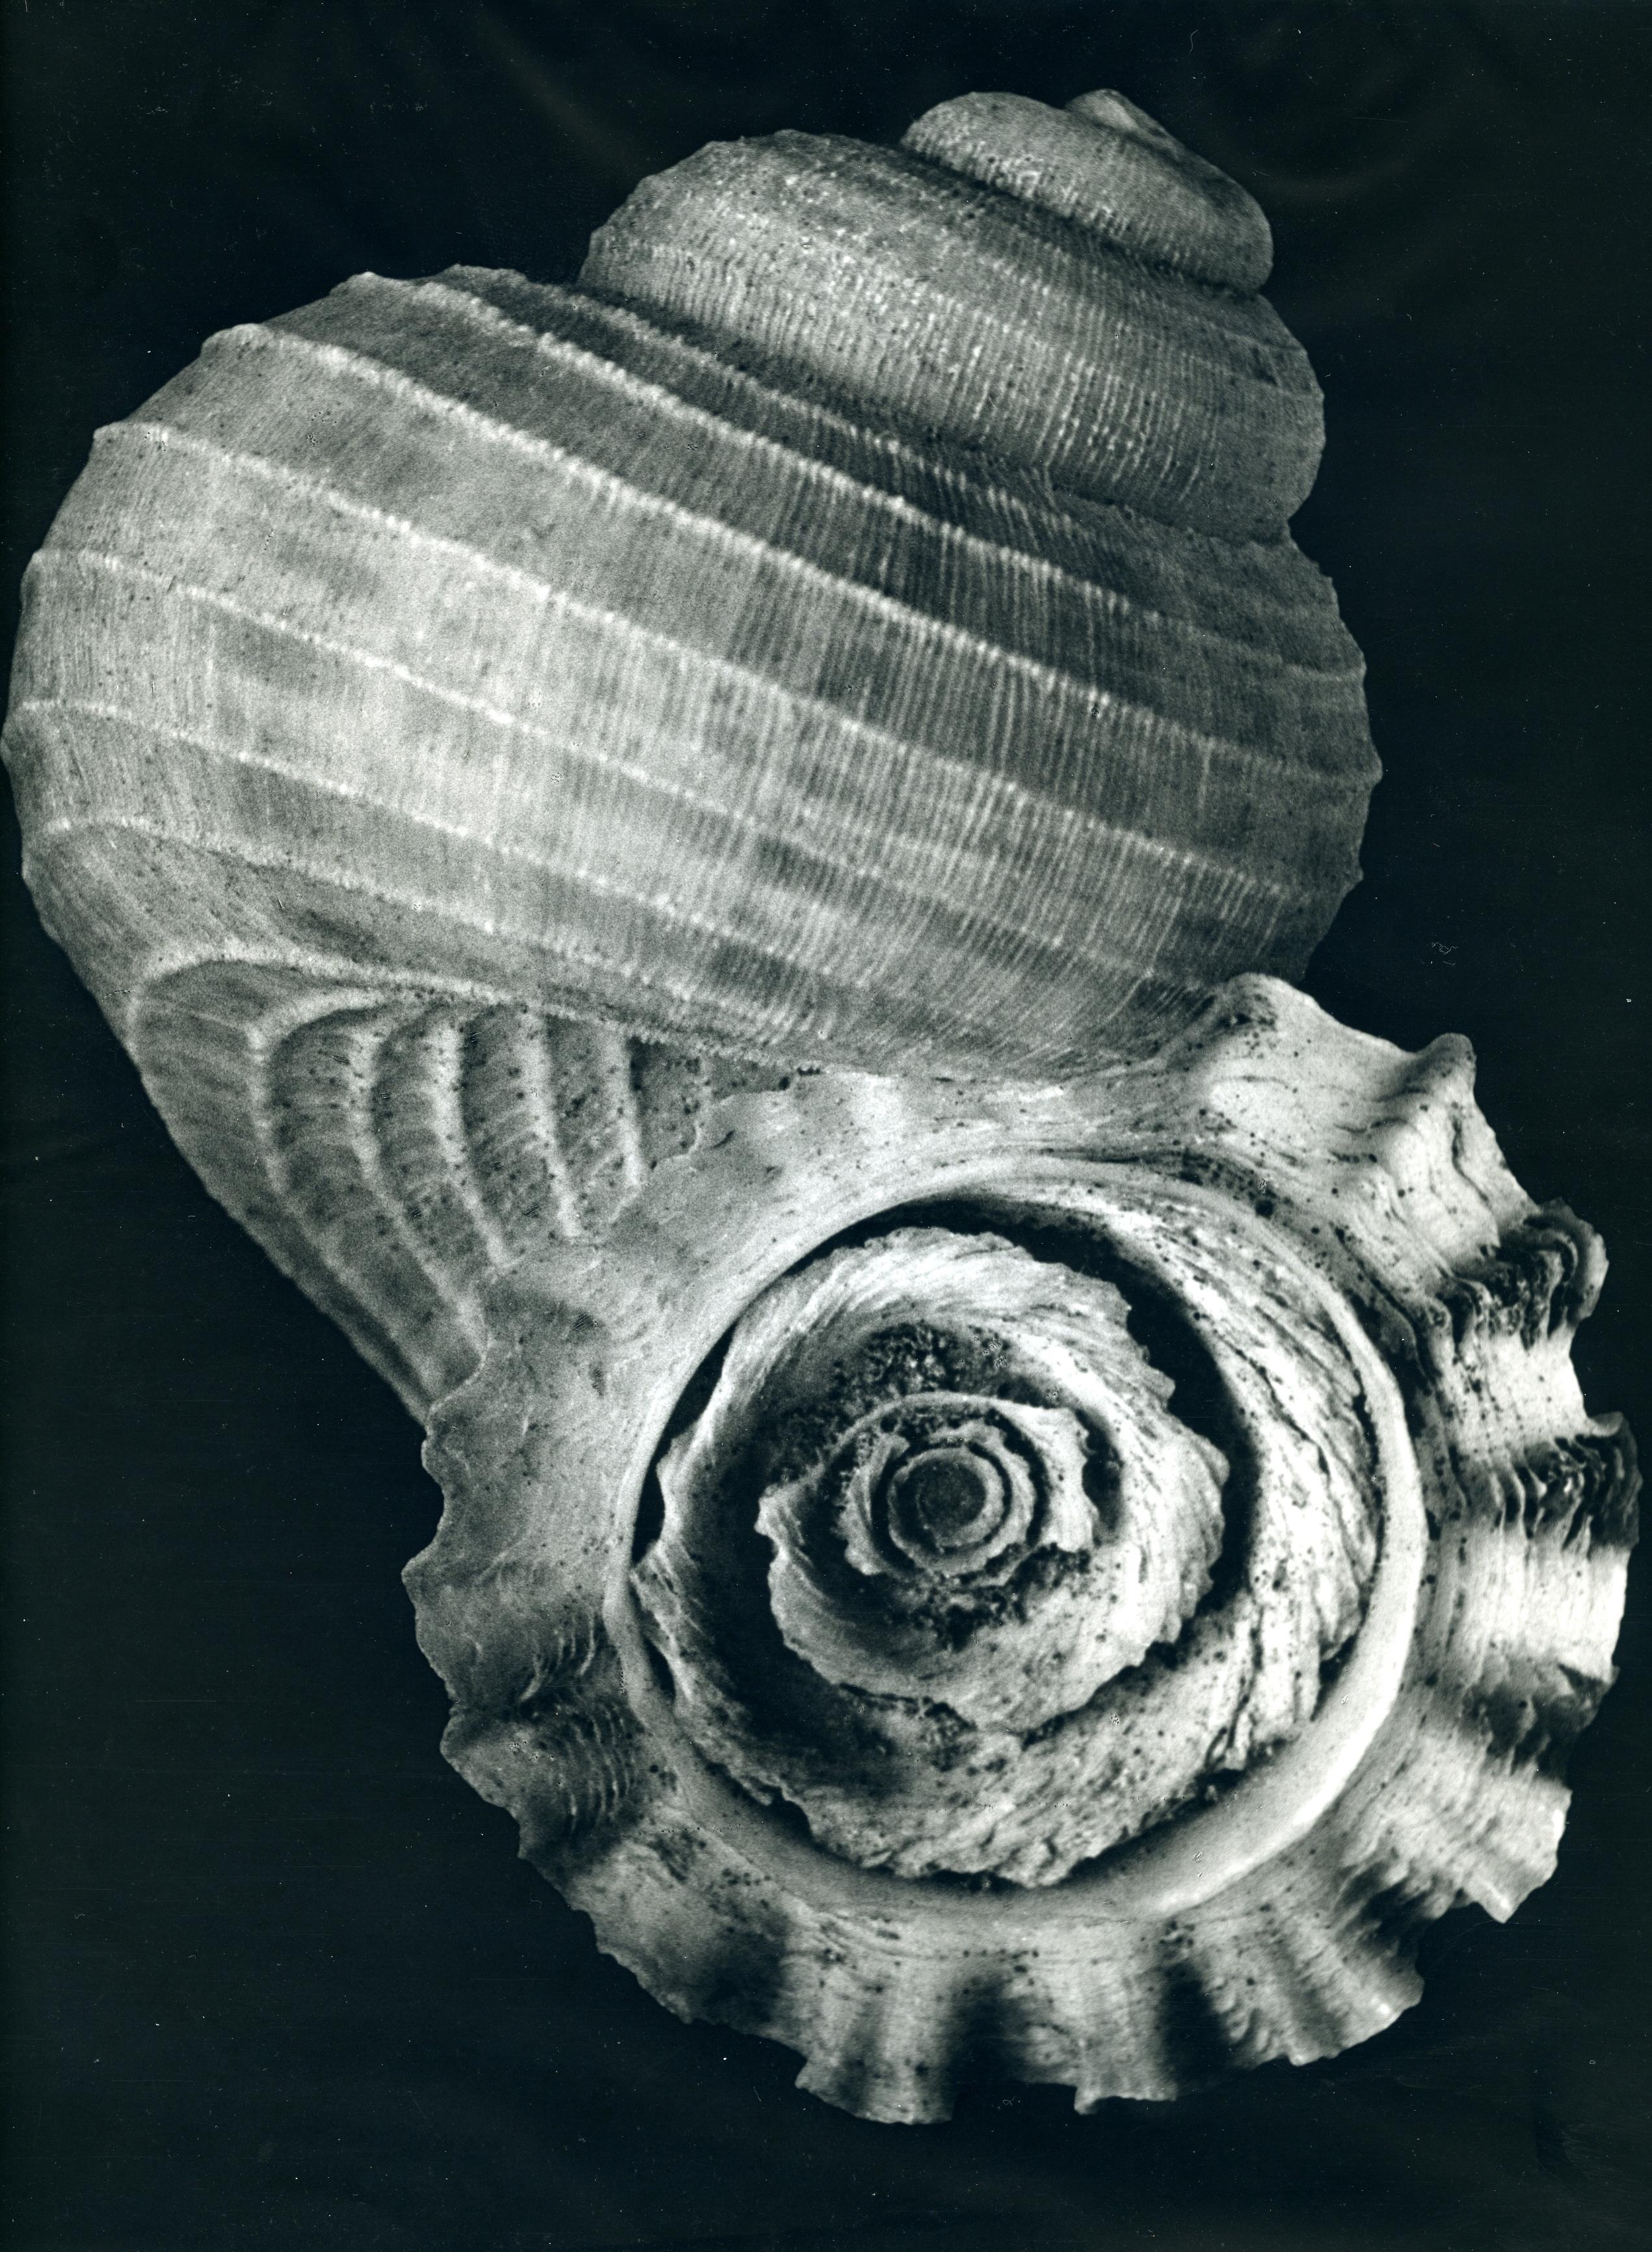 Fasciolariidae, Pleuroploca trapezium, Spindelschnecke